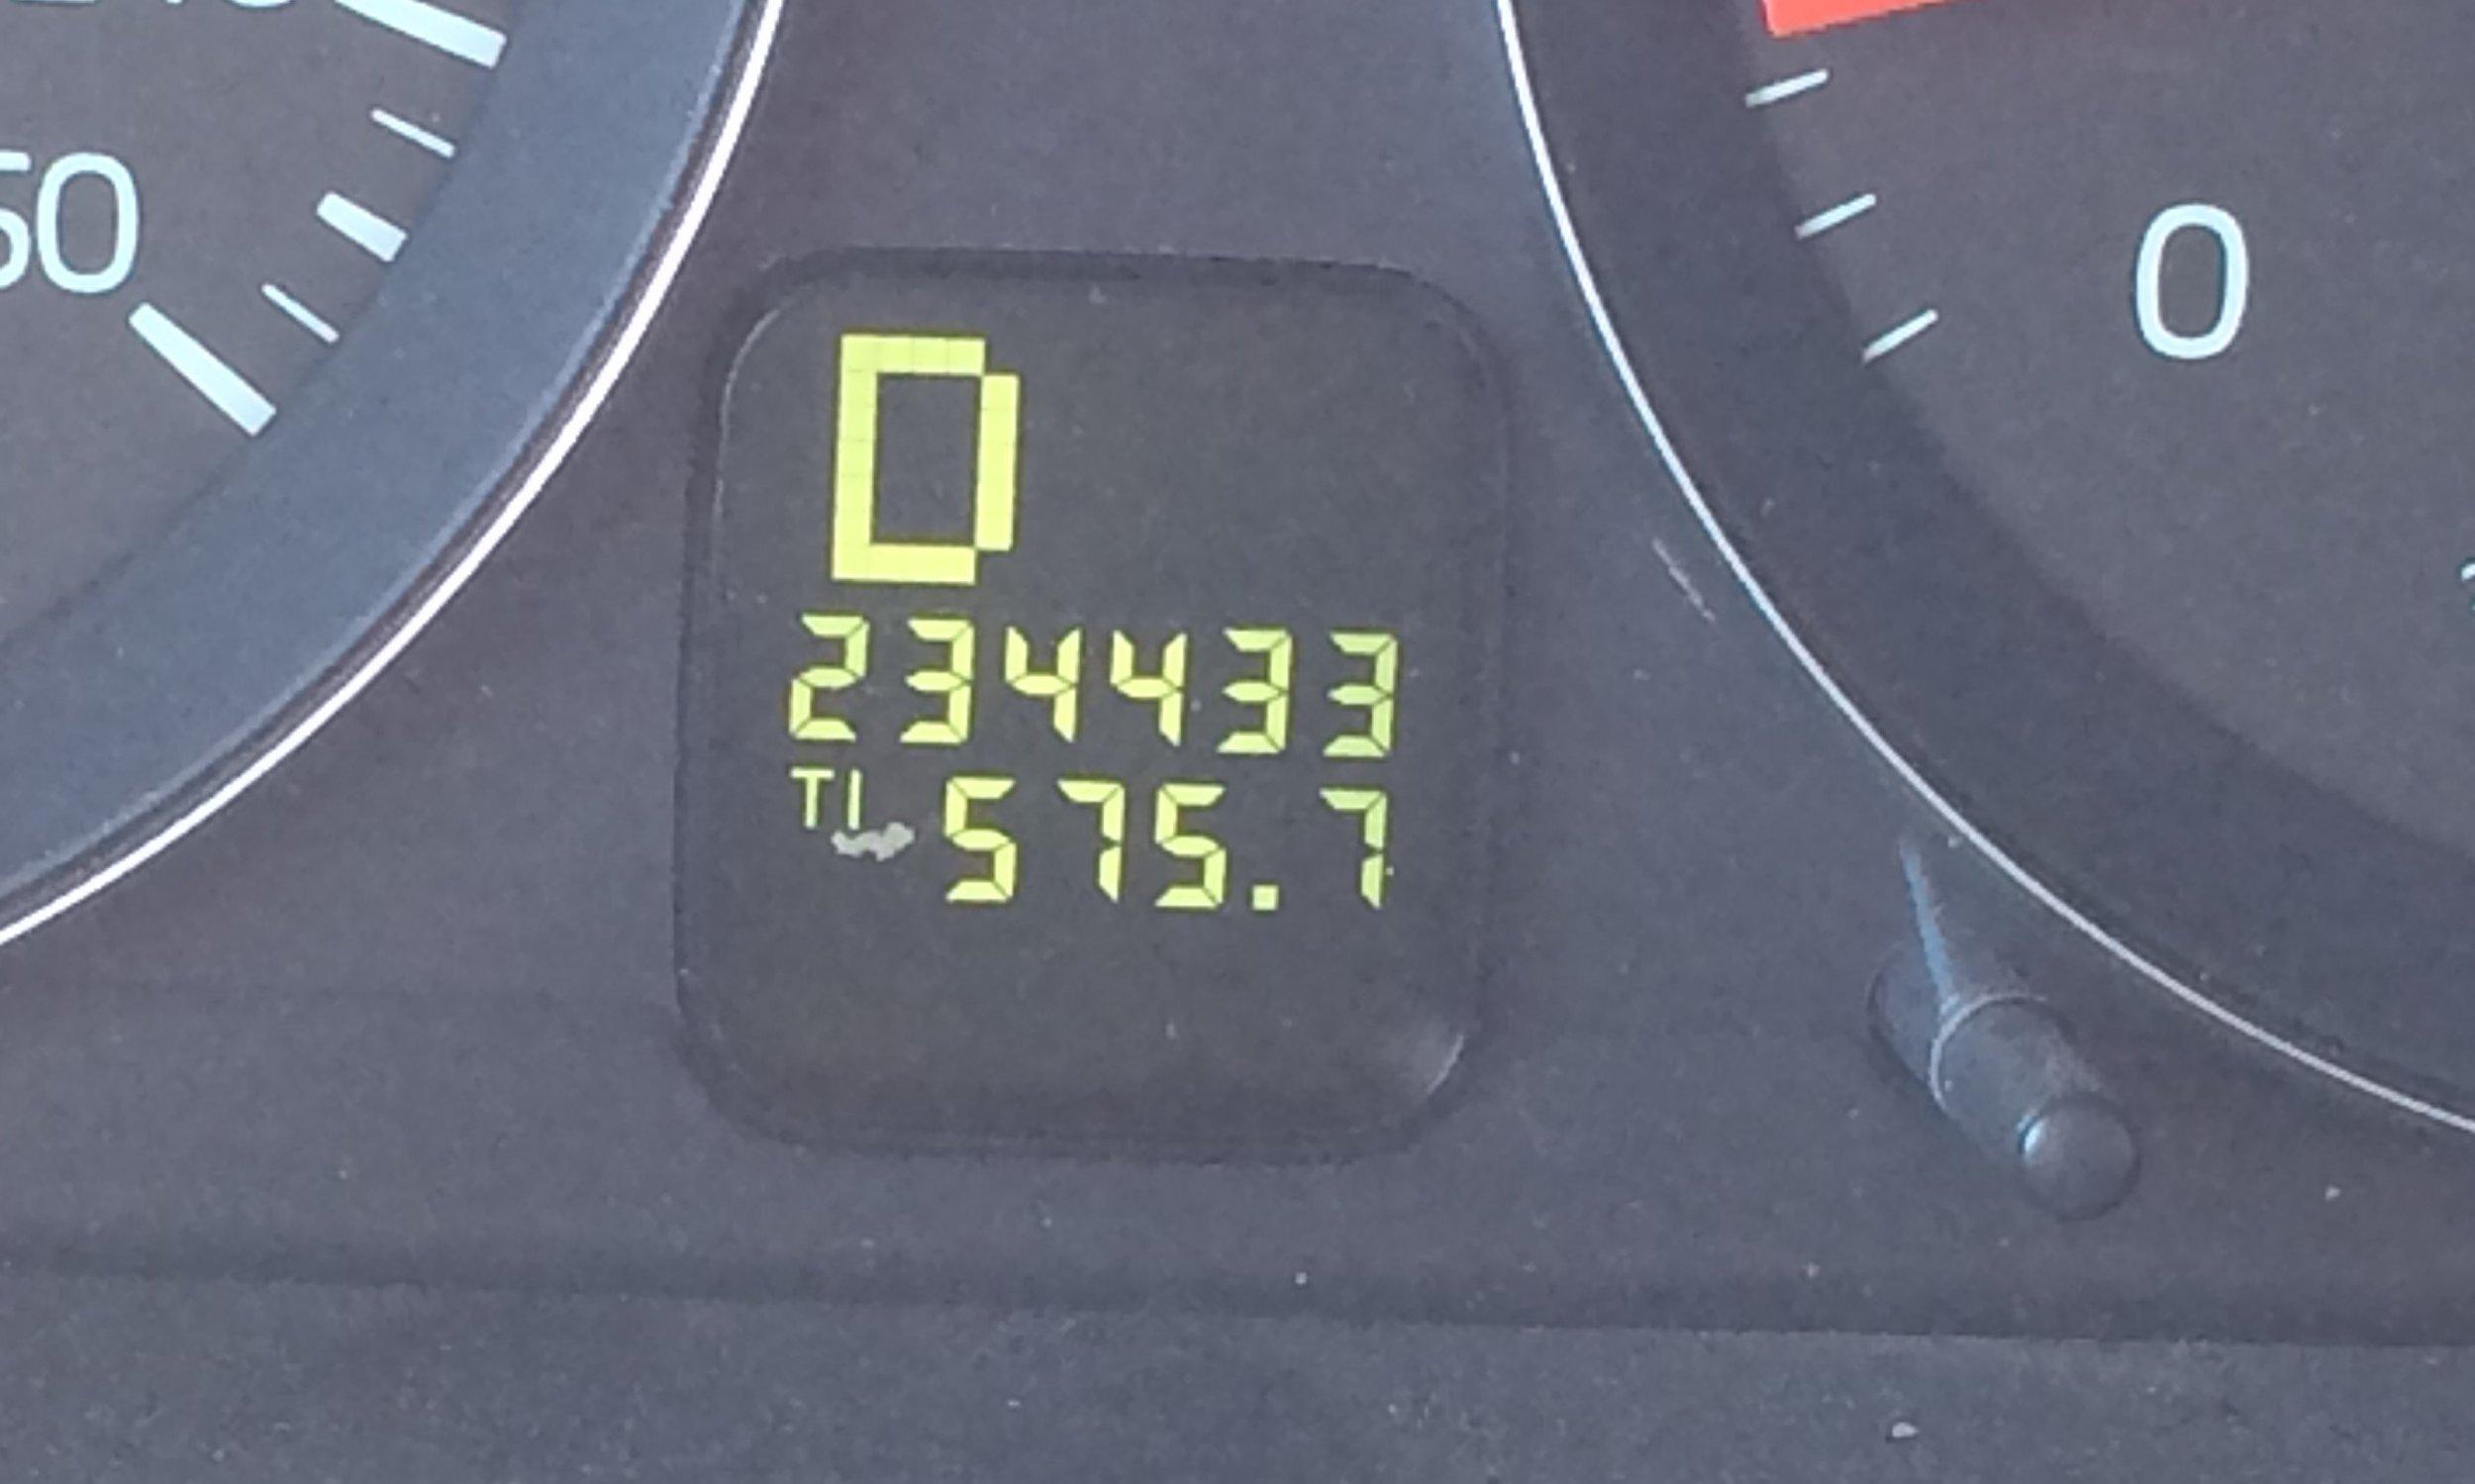 Volvo odometer-1237.JPG